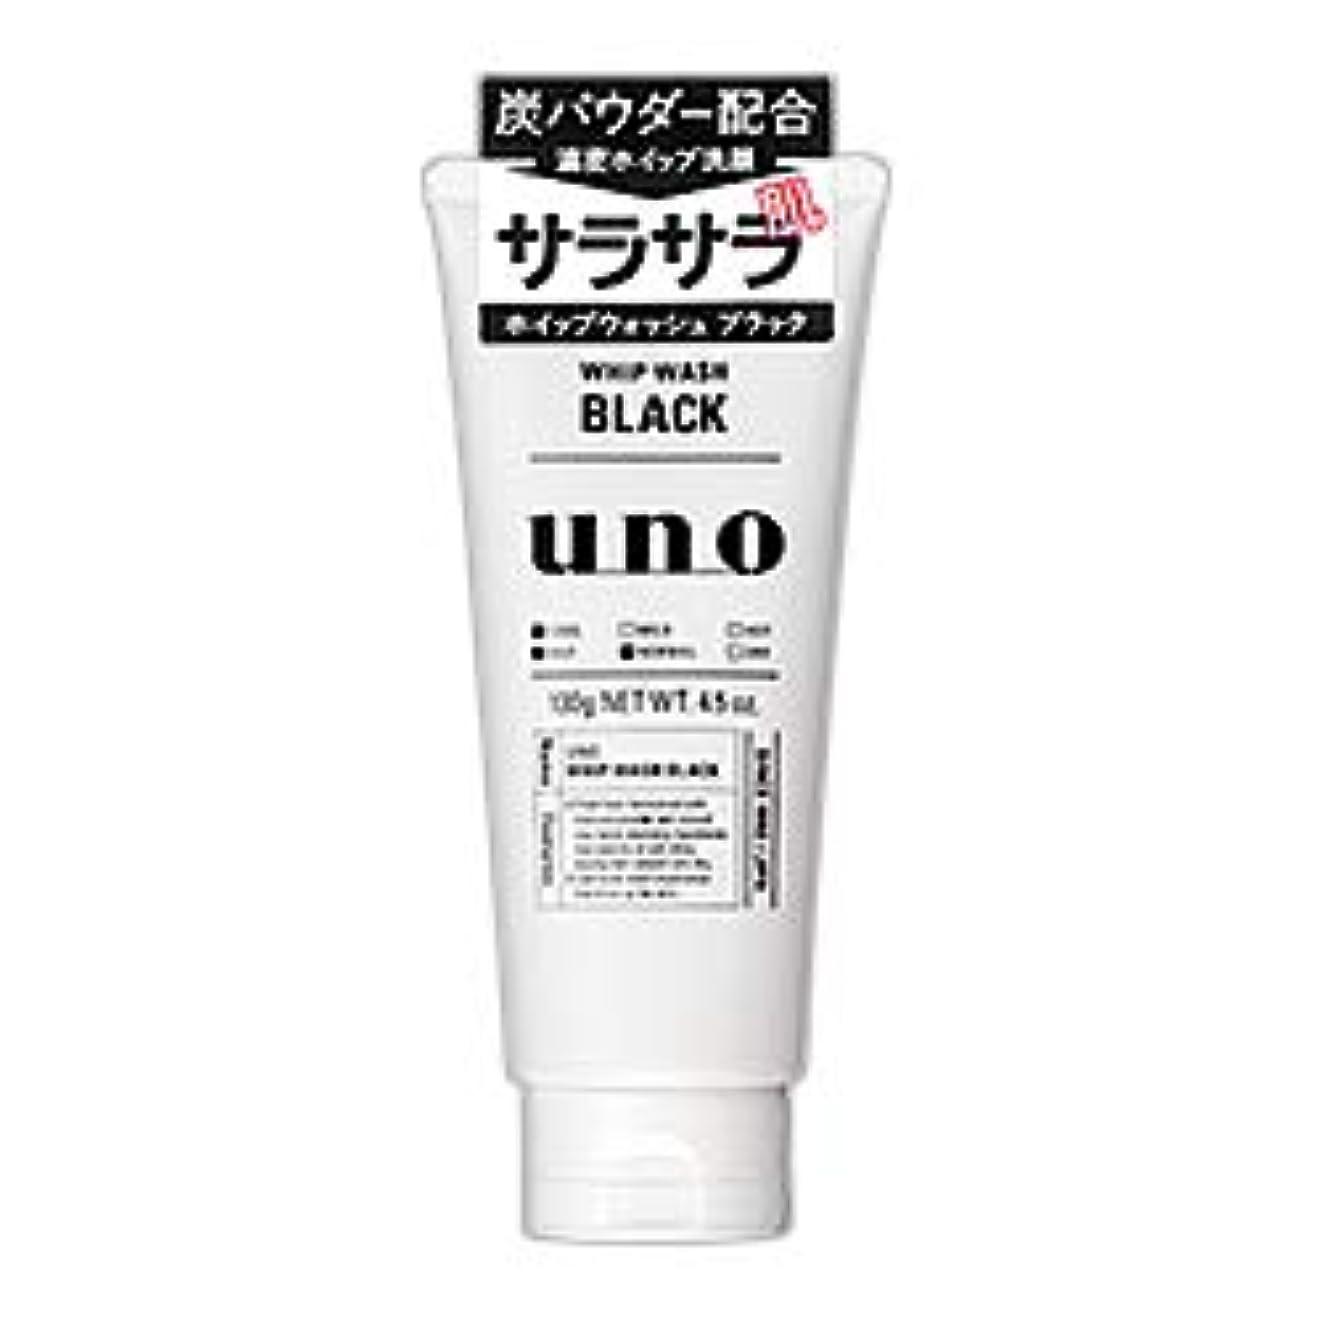 慣れている著作権汗【資生堂】ウーノ(uno) ホイップウォッシュ (ブラック) 130g ×2個